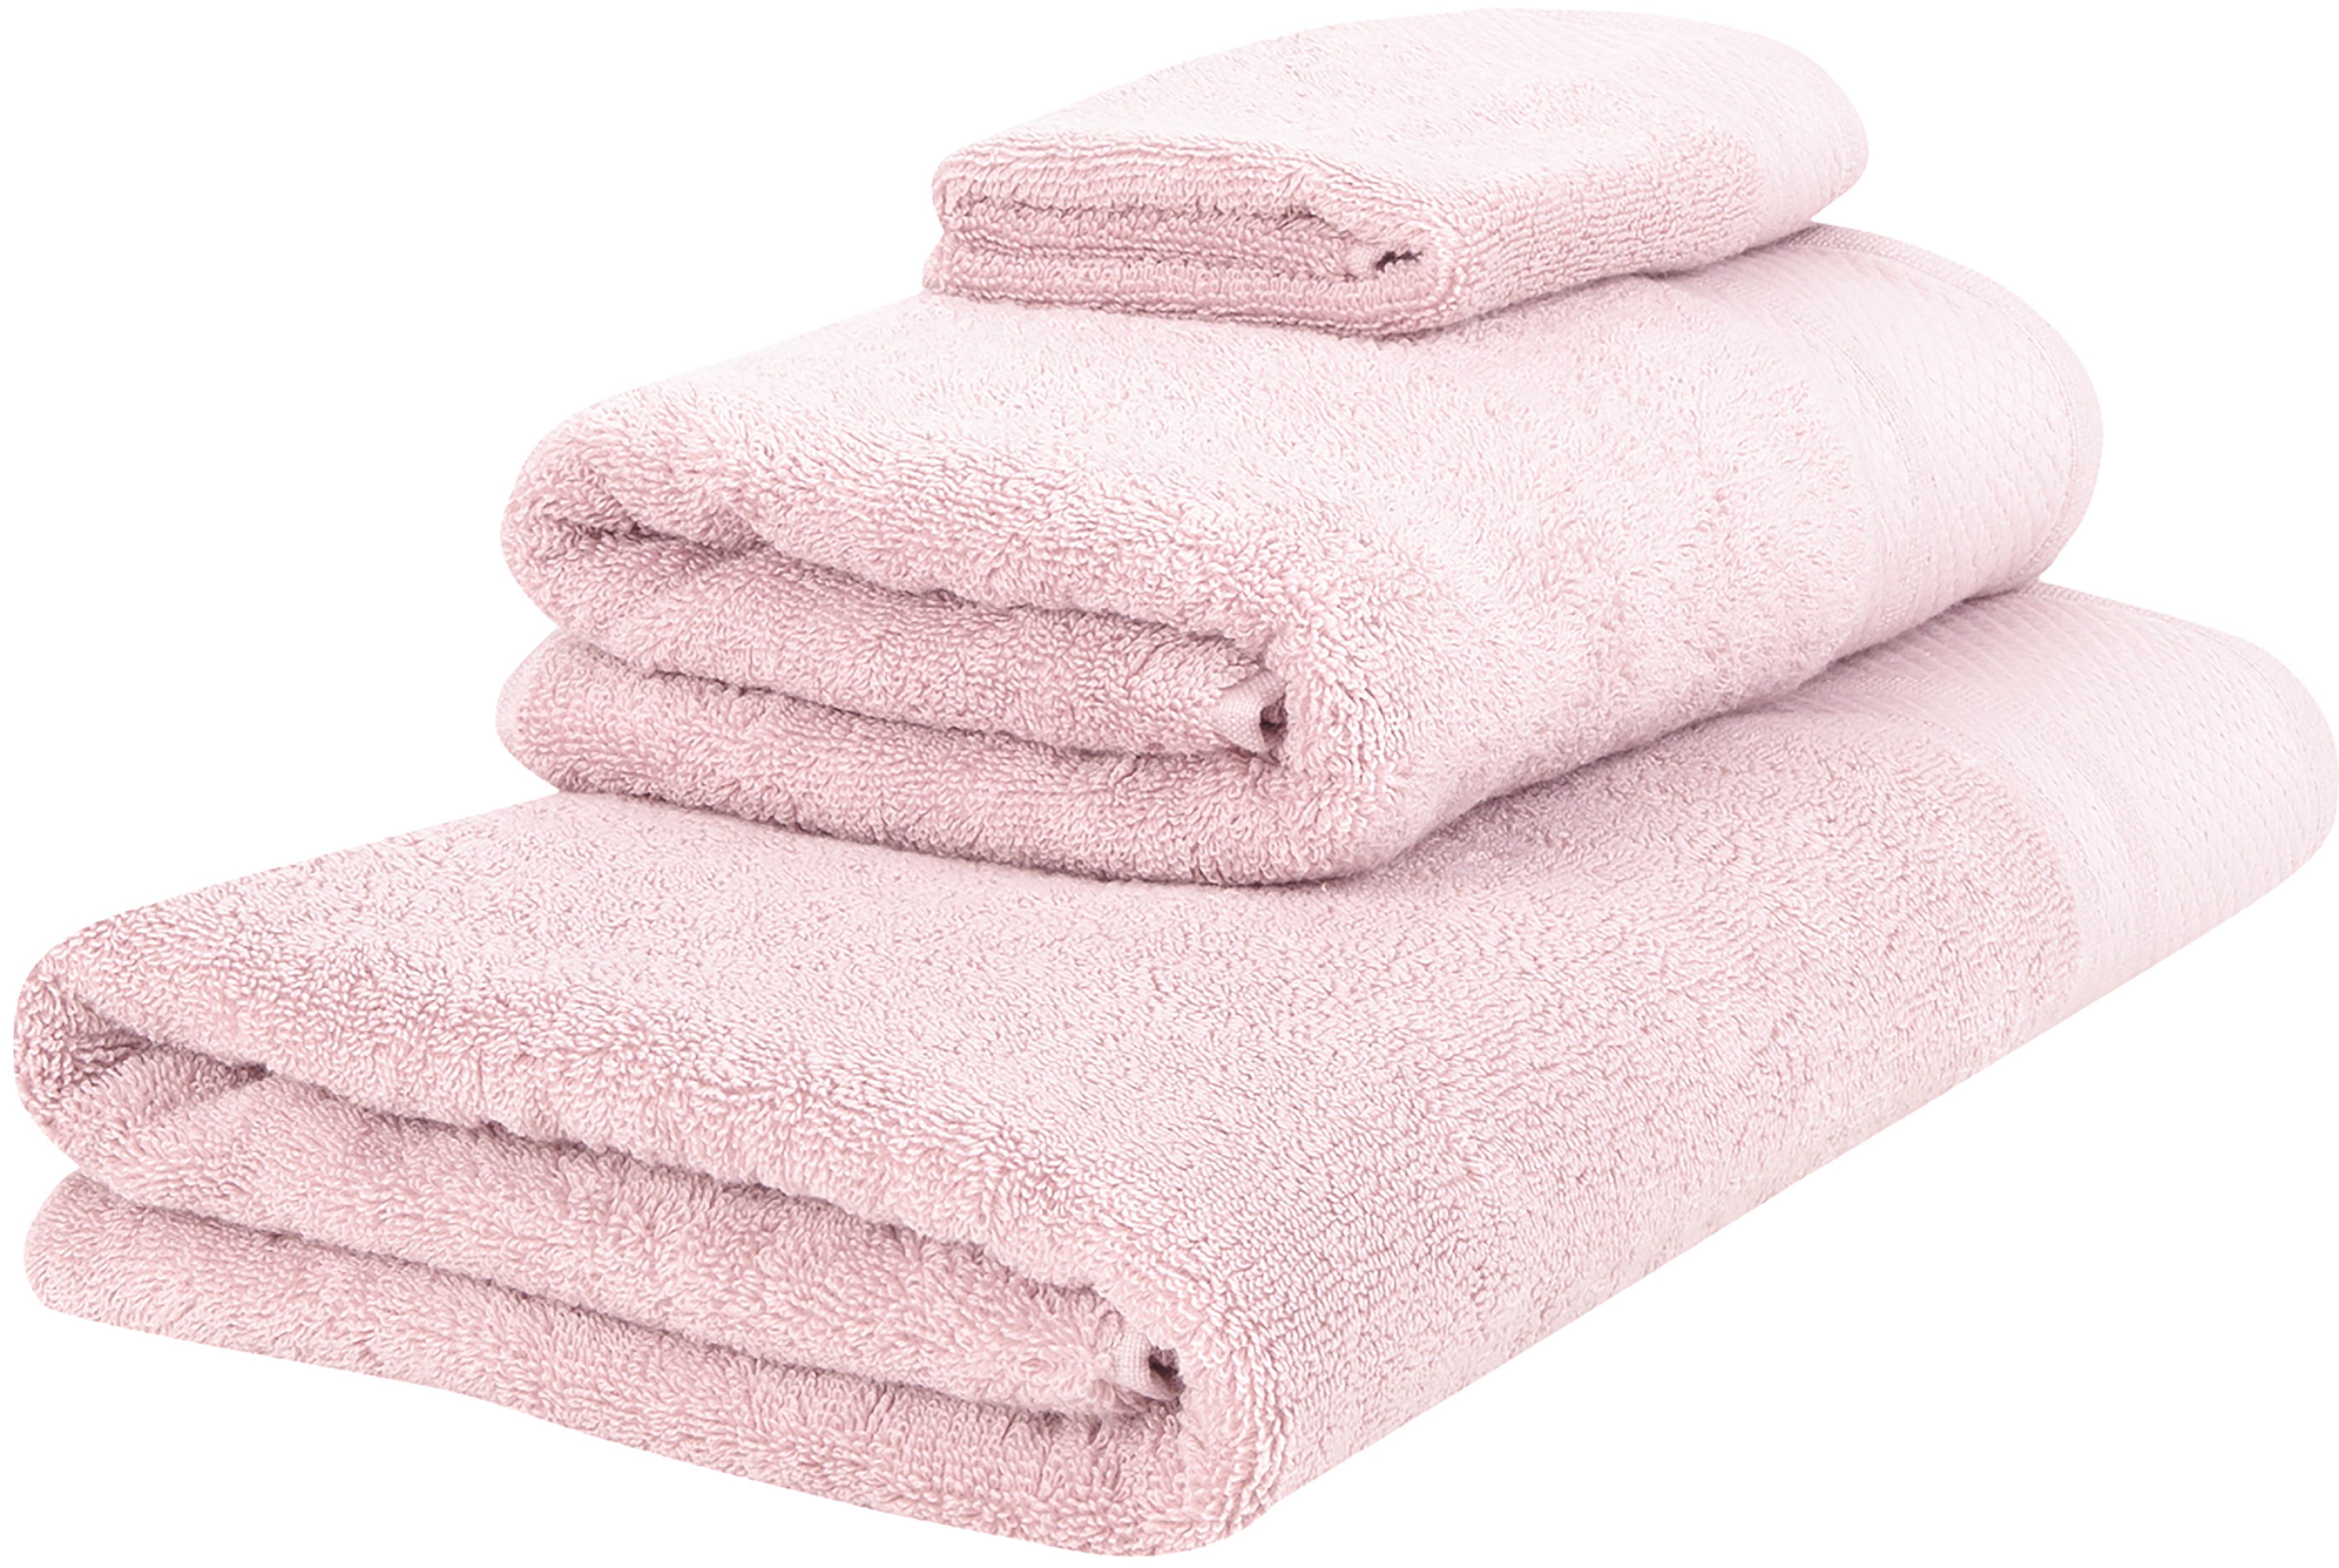 Handdoekenset Premium, 3-delig, 100% katoen, zware kwaliteit, 600 g/m², Oudroze, Verschillende formaten